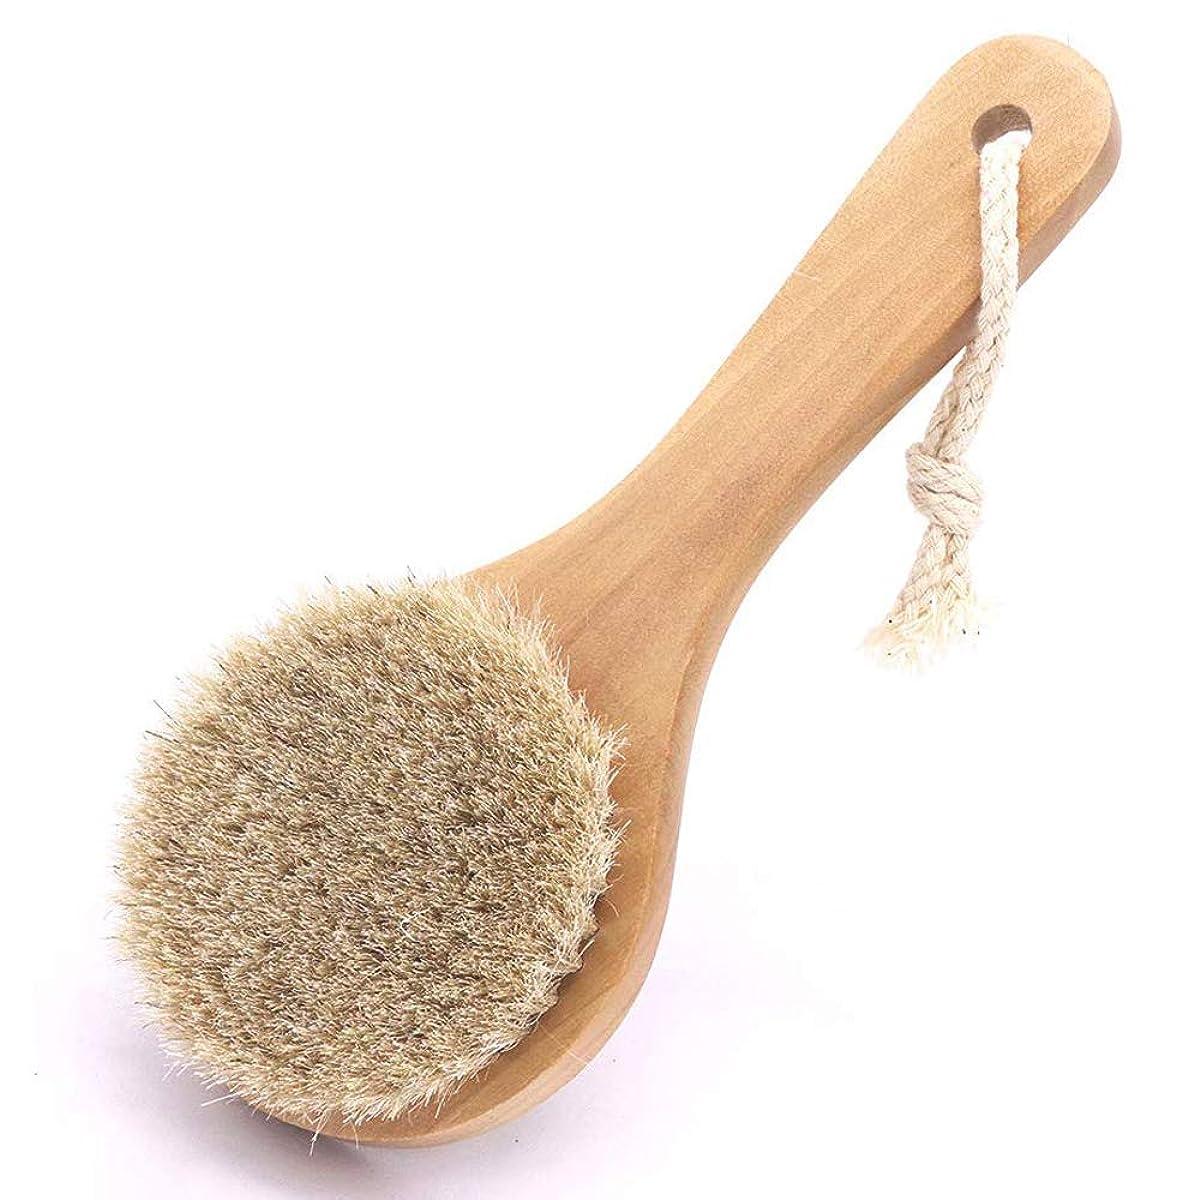 ローラートレーニング送る馬毛ボディブラシ 木製 短柄 足を洗う お風呂用 体洗い 女性 角質除去 柔らかい 美肌 馬毛ボディブラシ